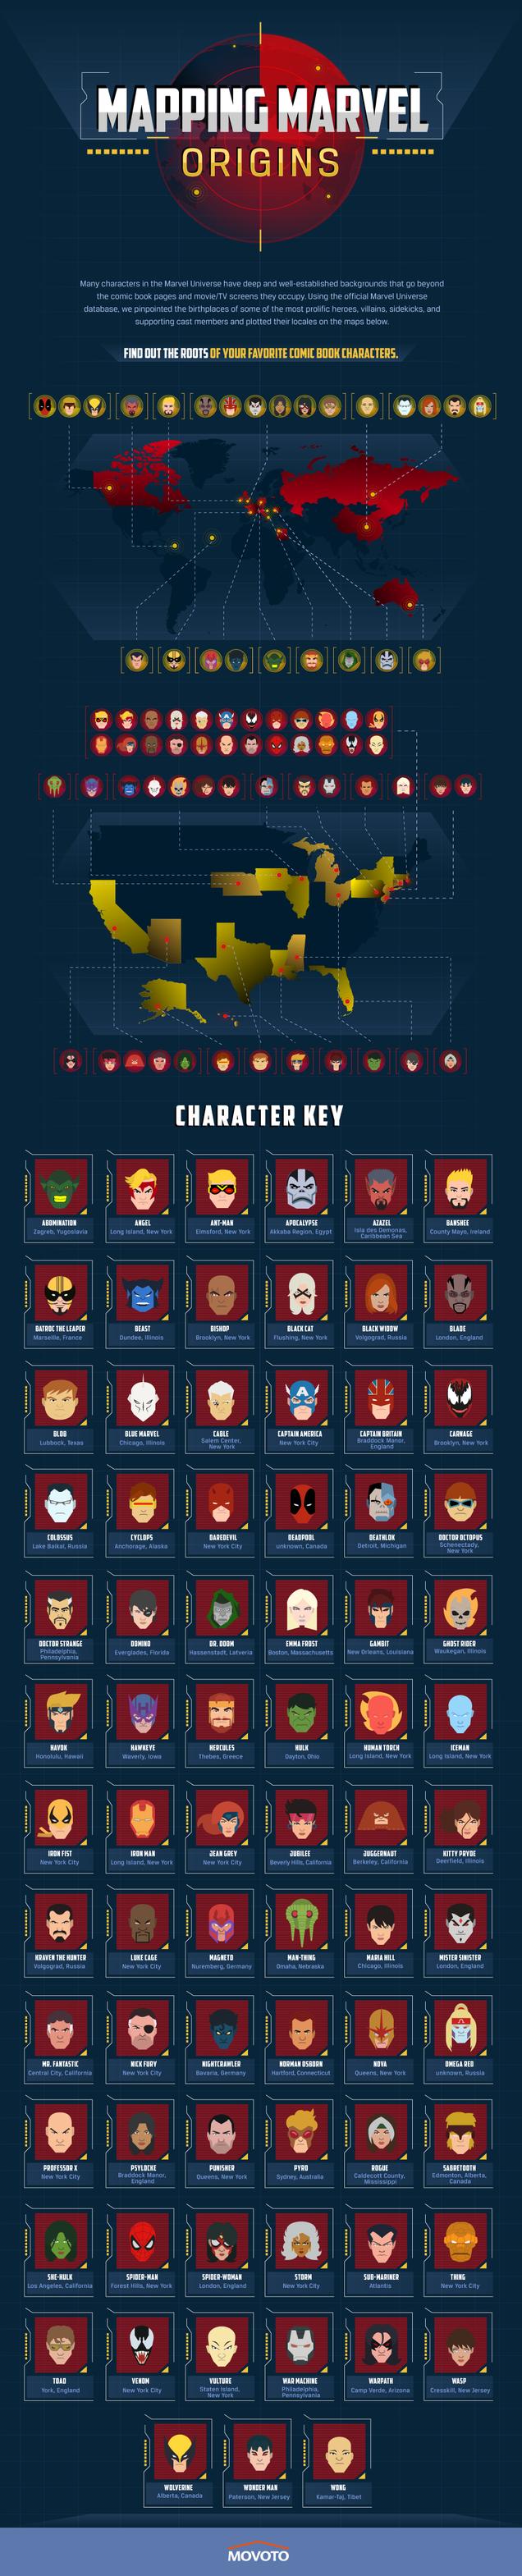 ¿De qué país son los personajes más famosos de Marvel?